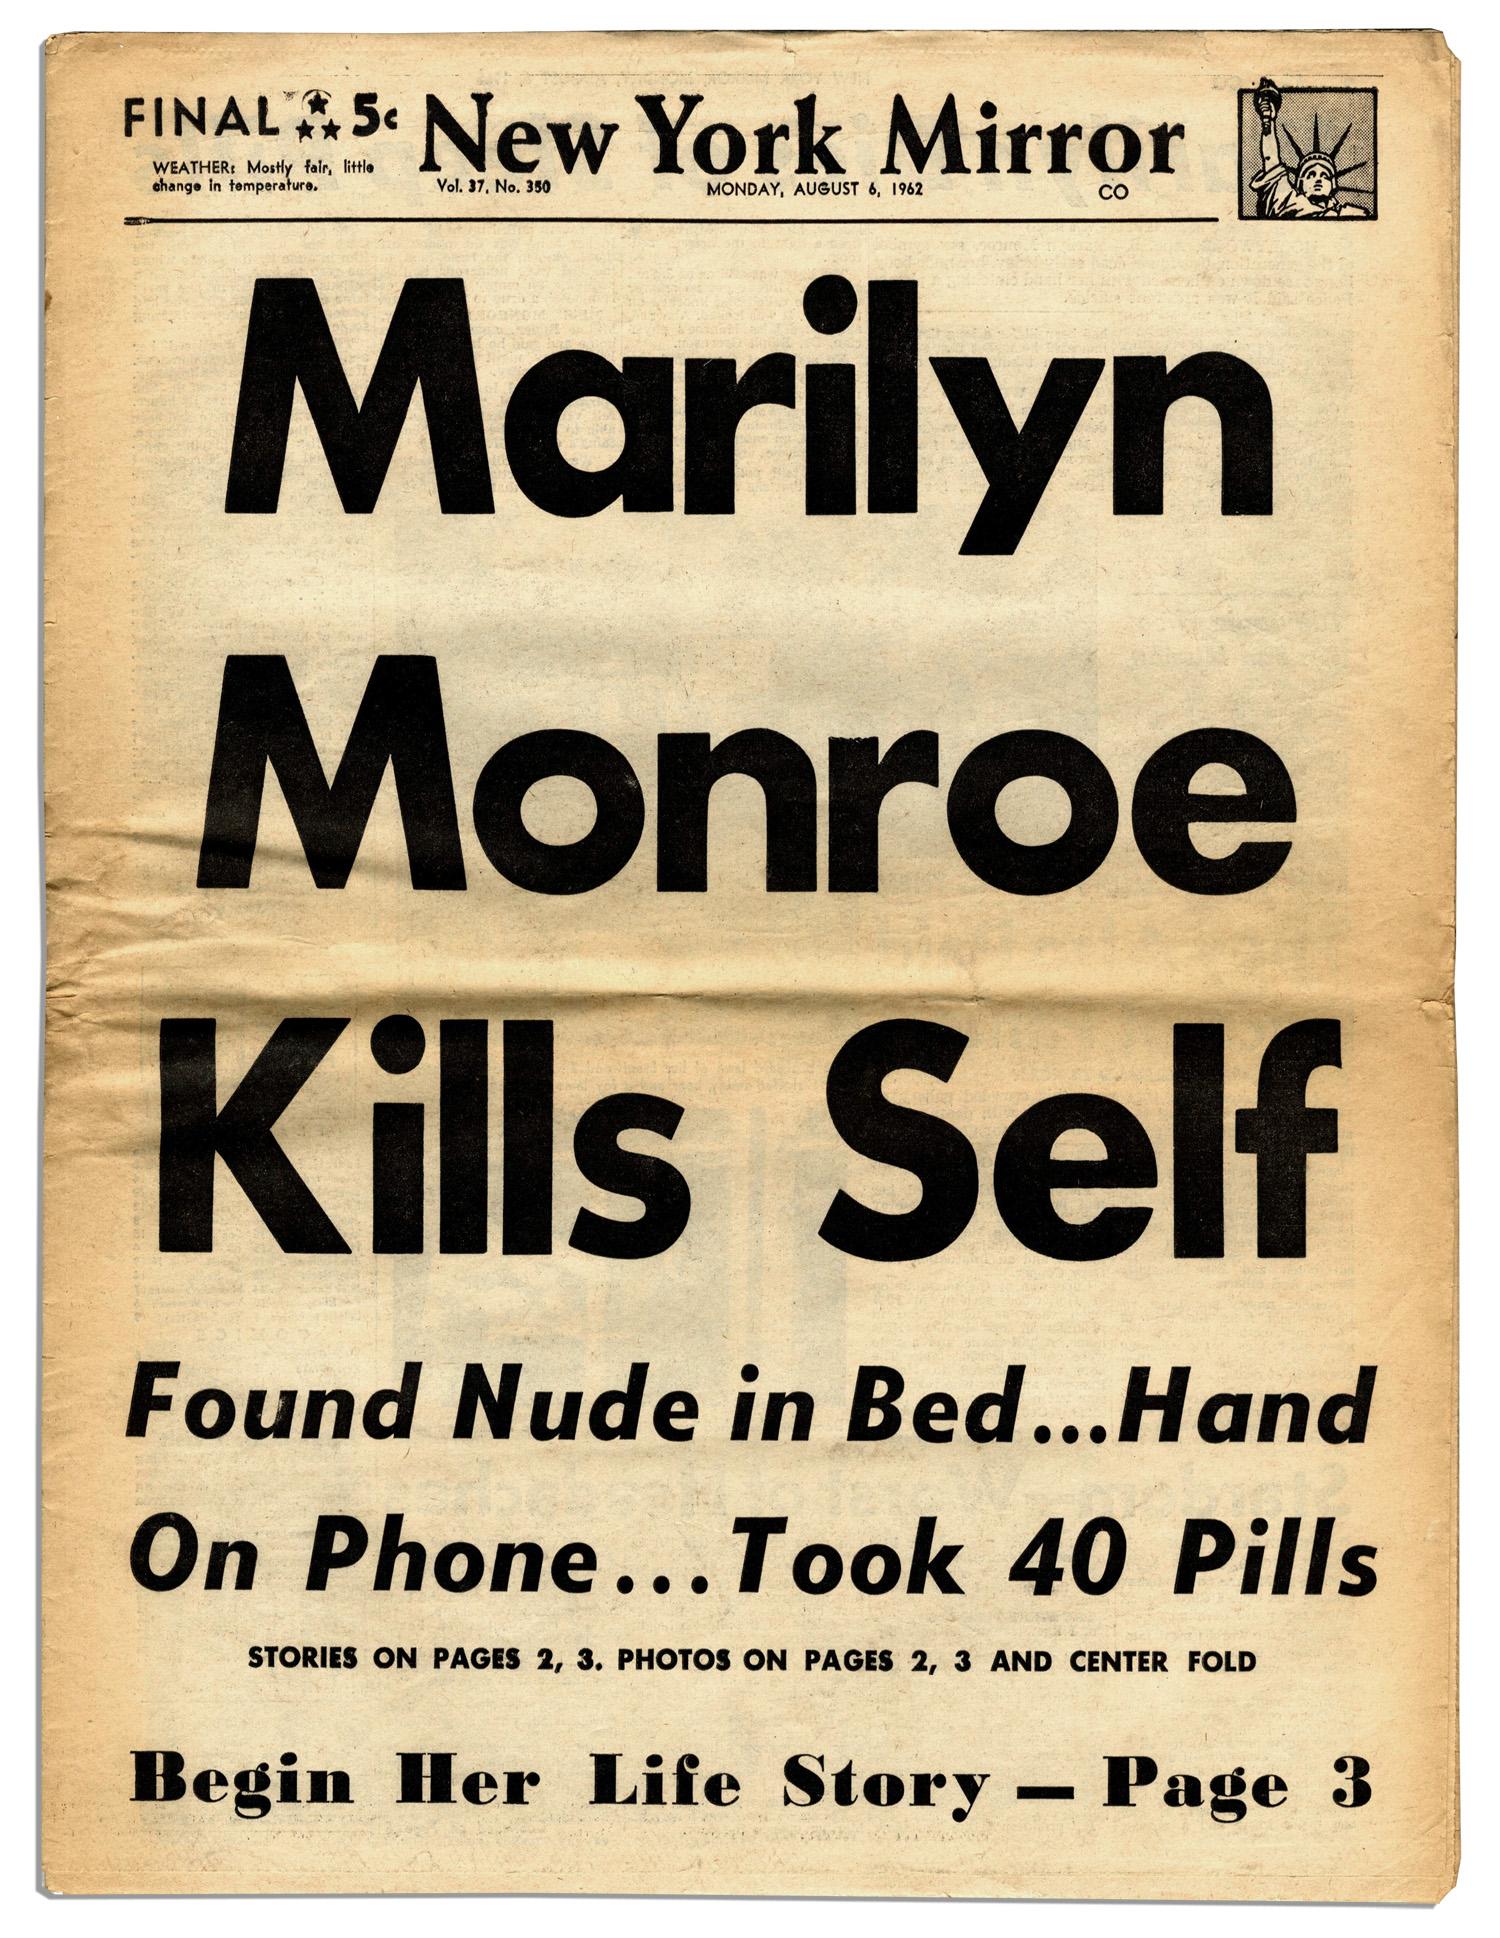 Of Marilyn Monroe